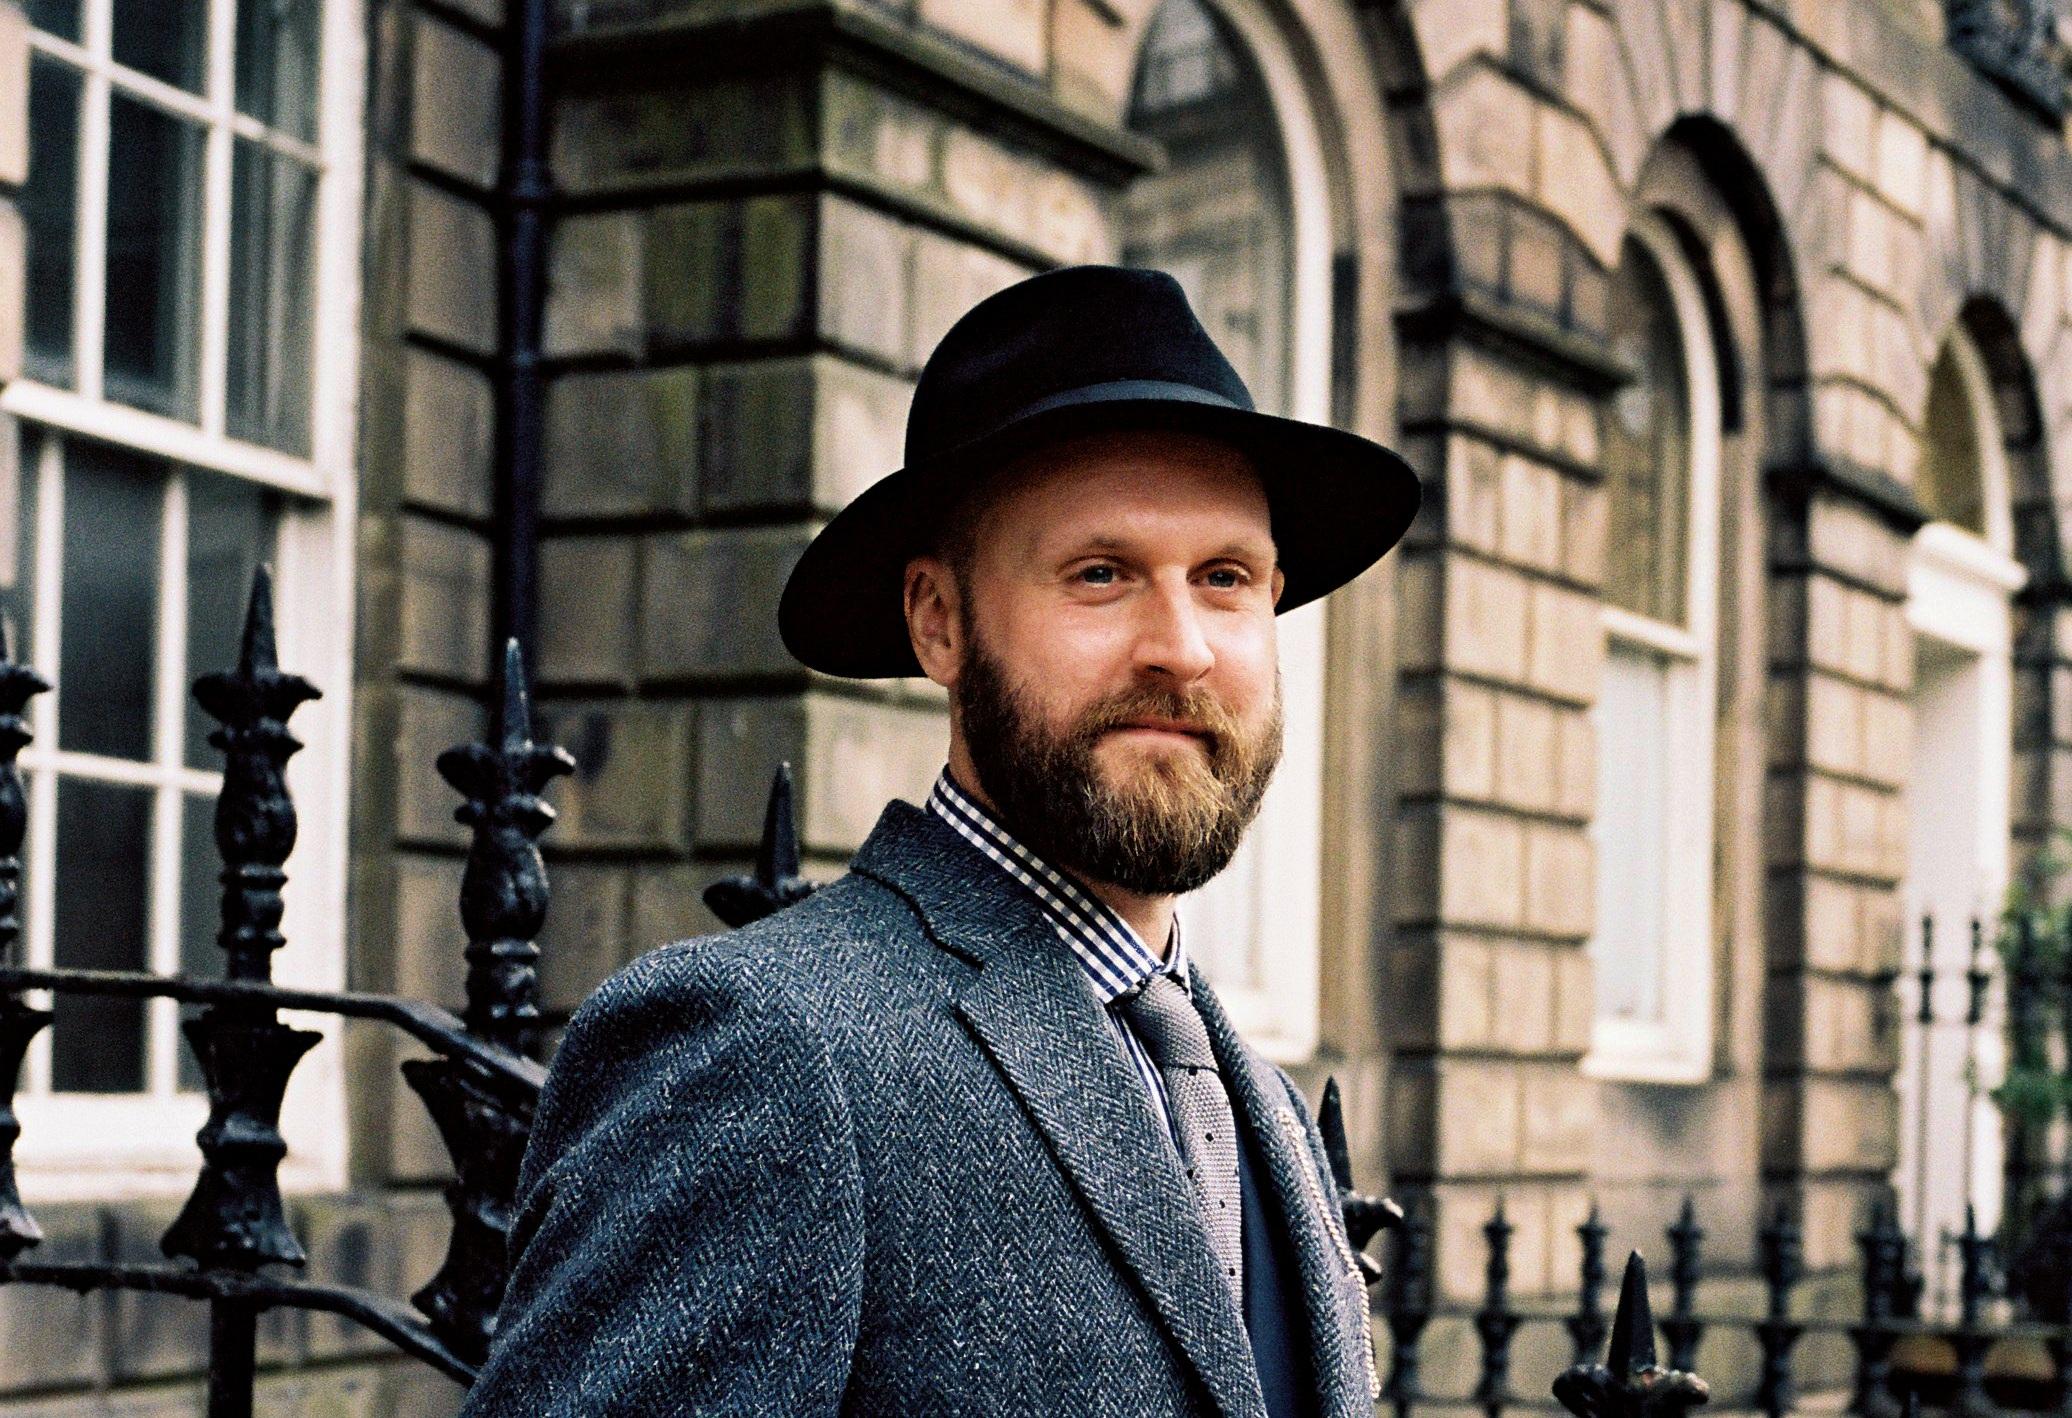 David Thomas Wright